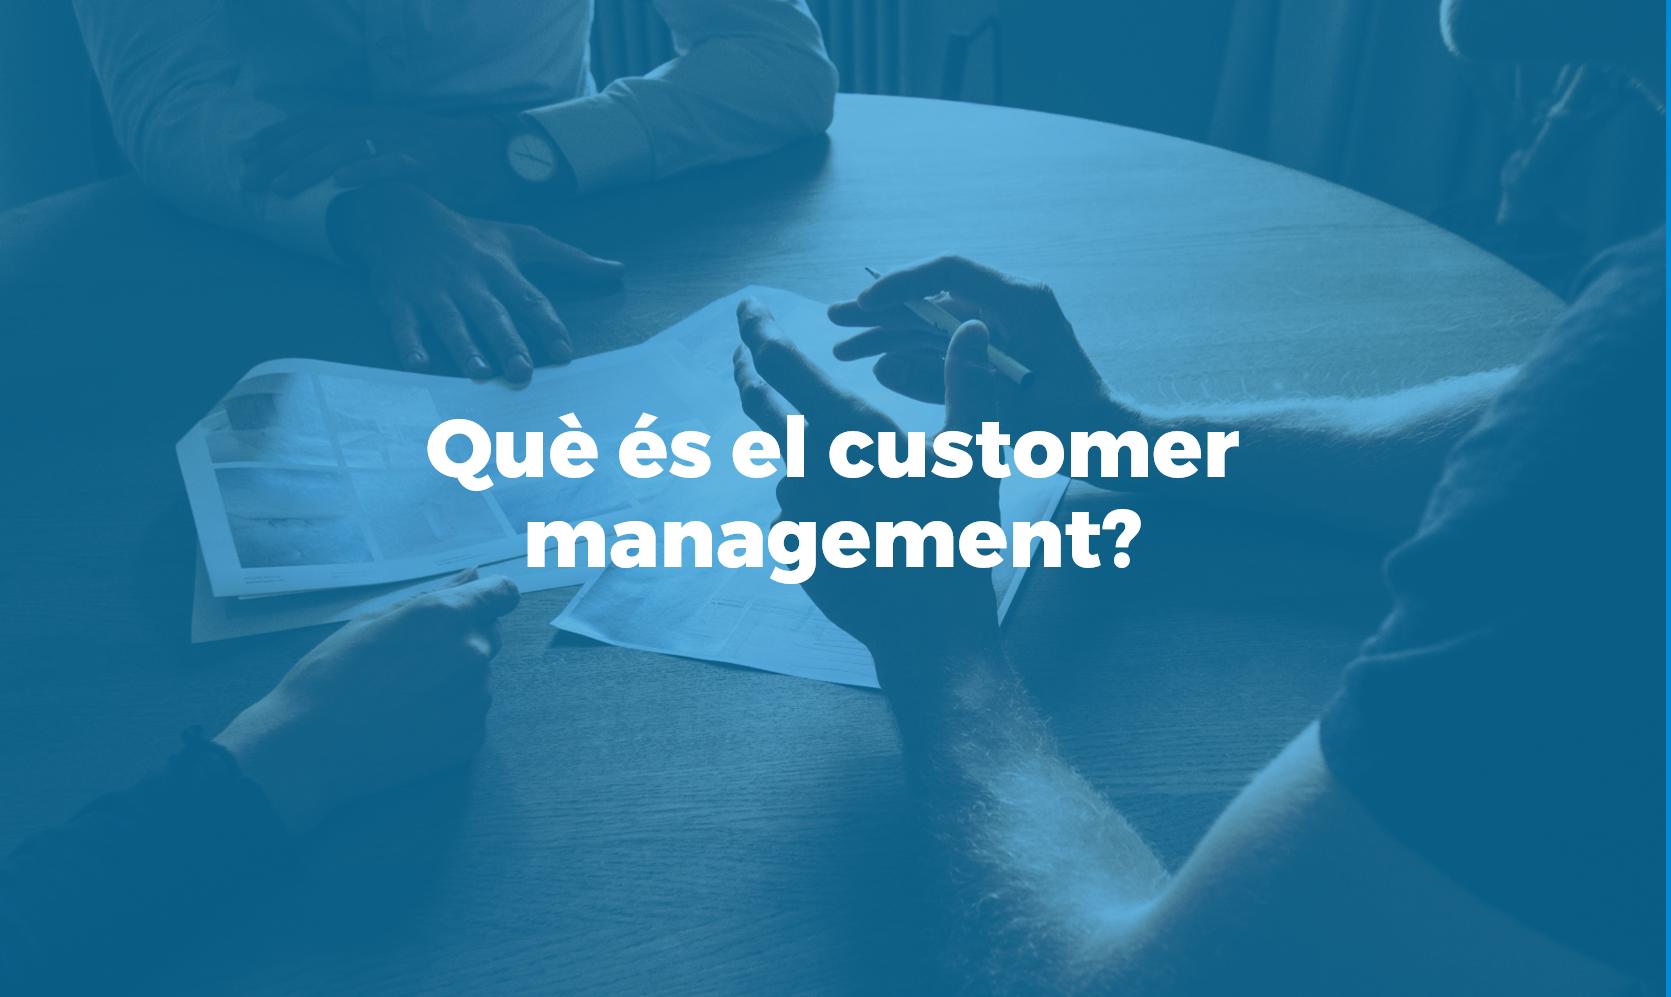 que es el customer management